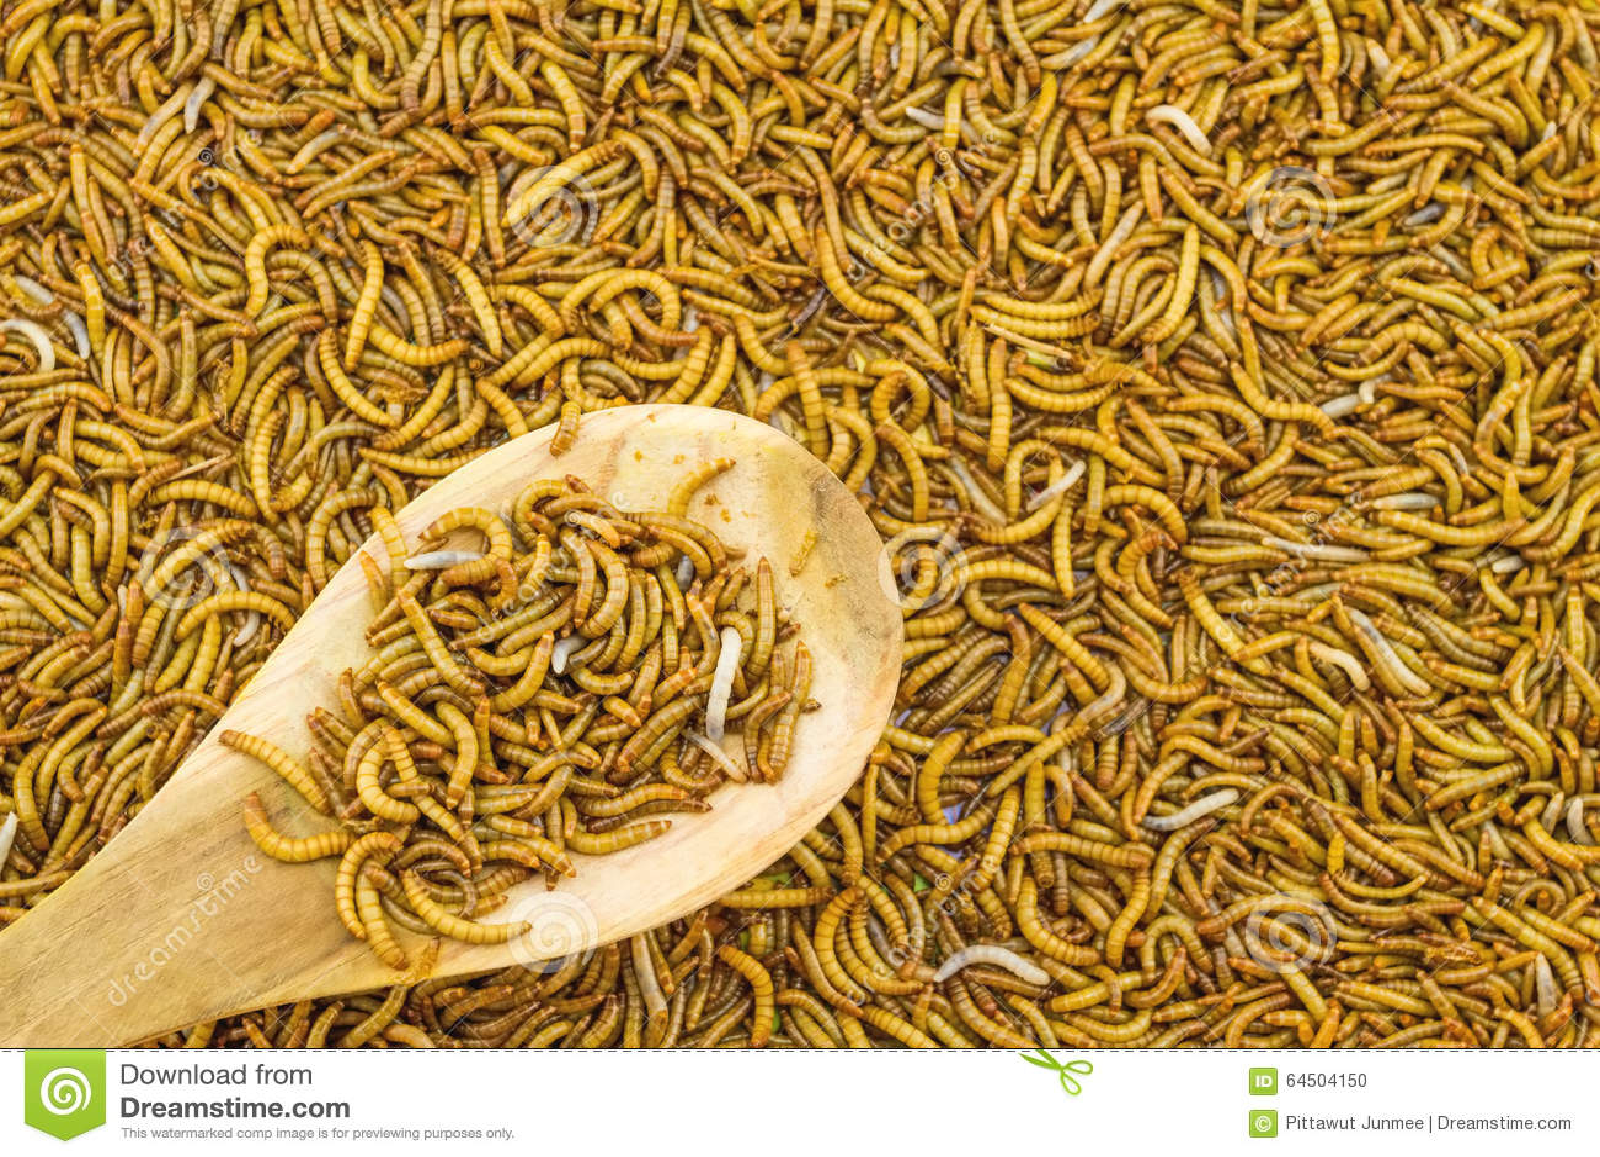 Fermez vous vers le haut de l 39 alimentation de ver de - Vers dans les cerises dangereux ...